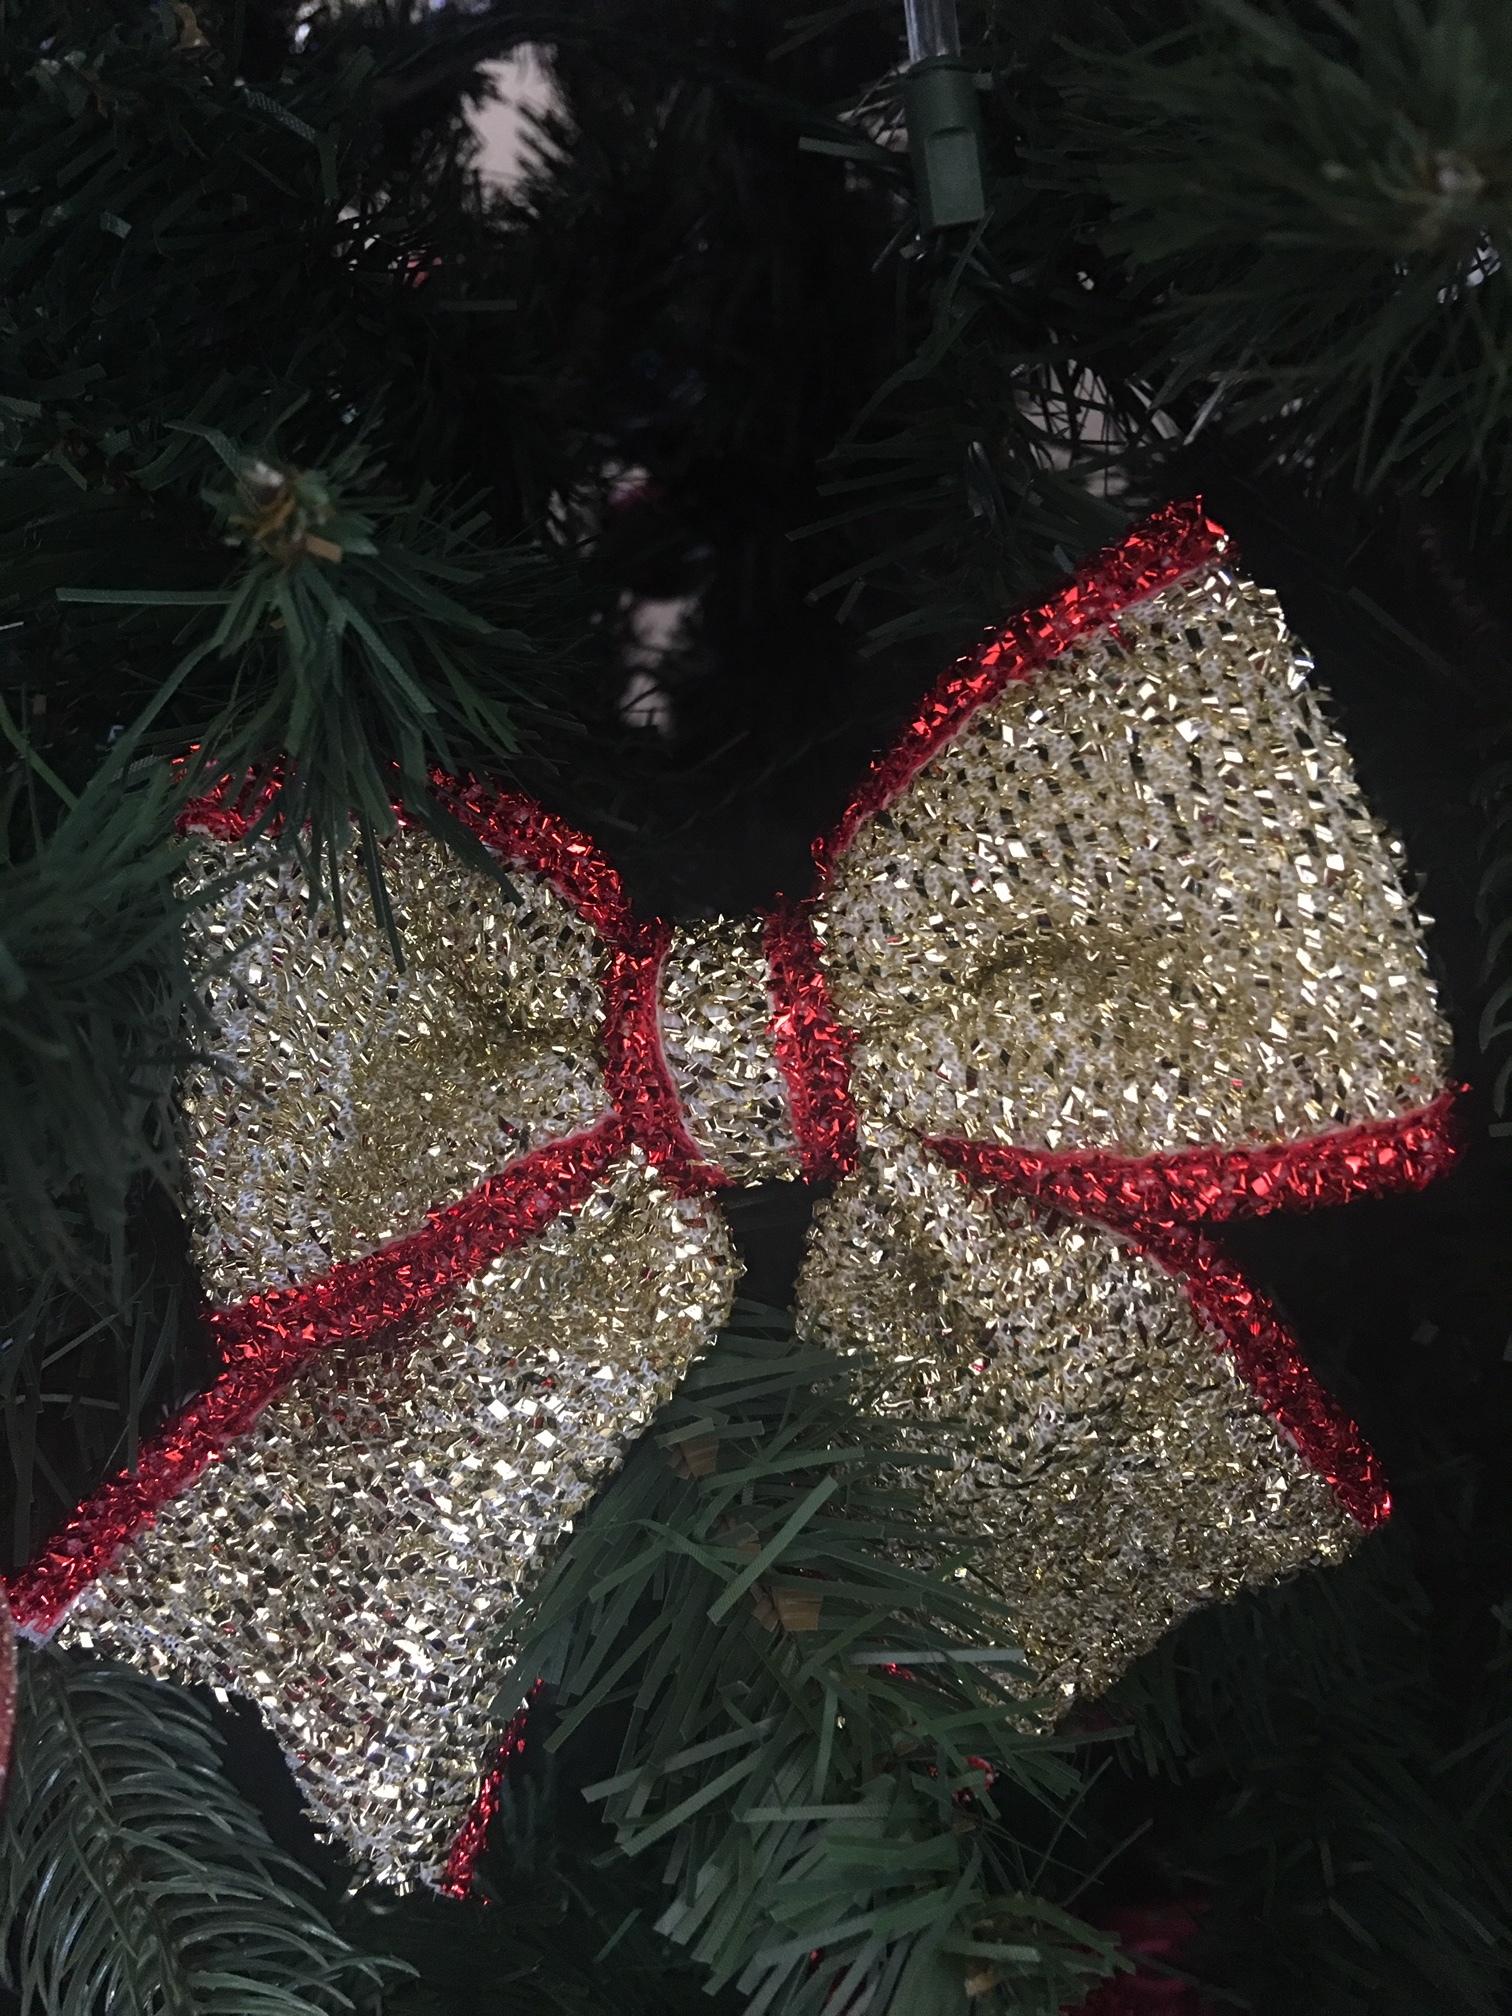 - Similar bows from amazon.com